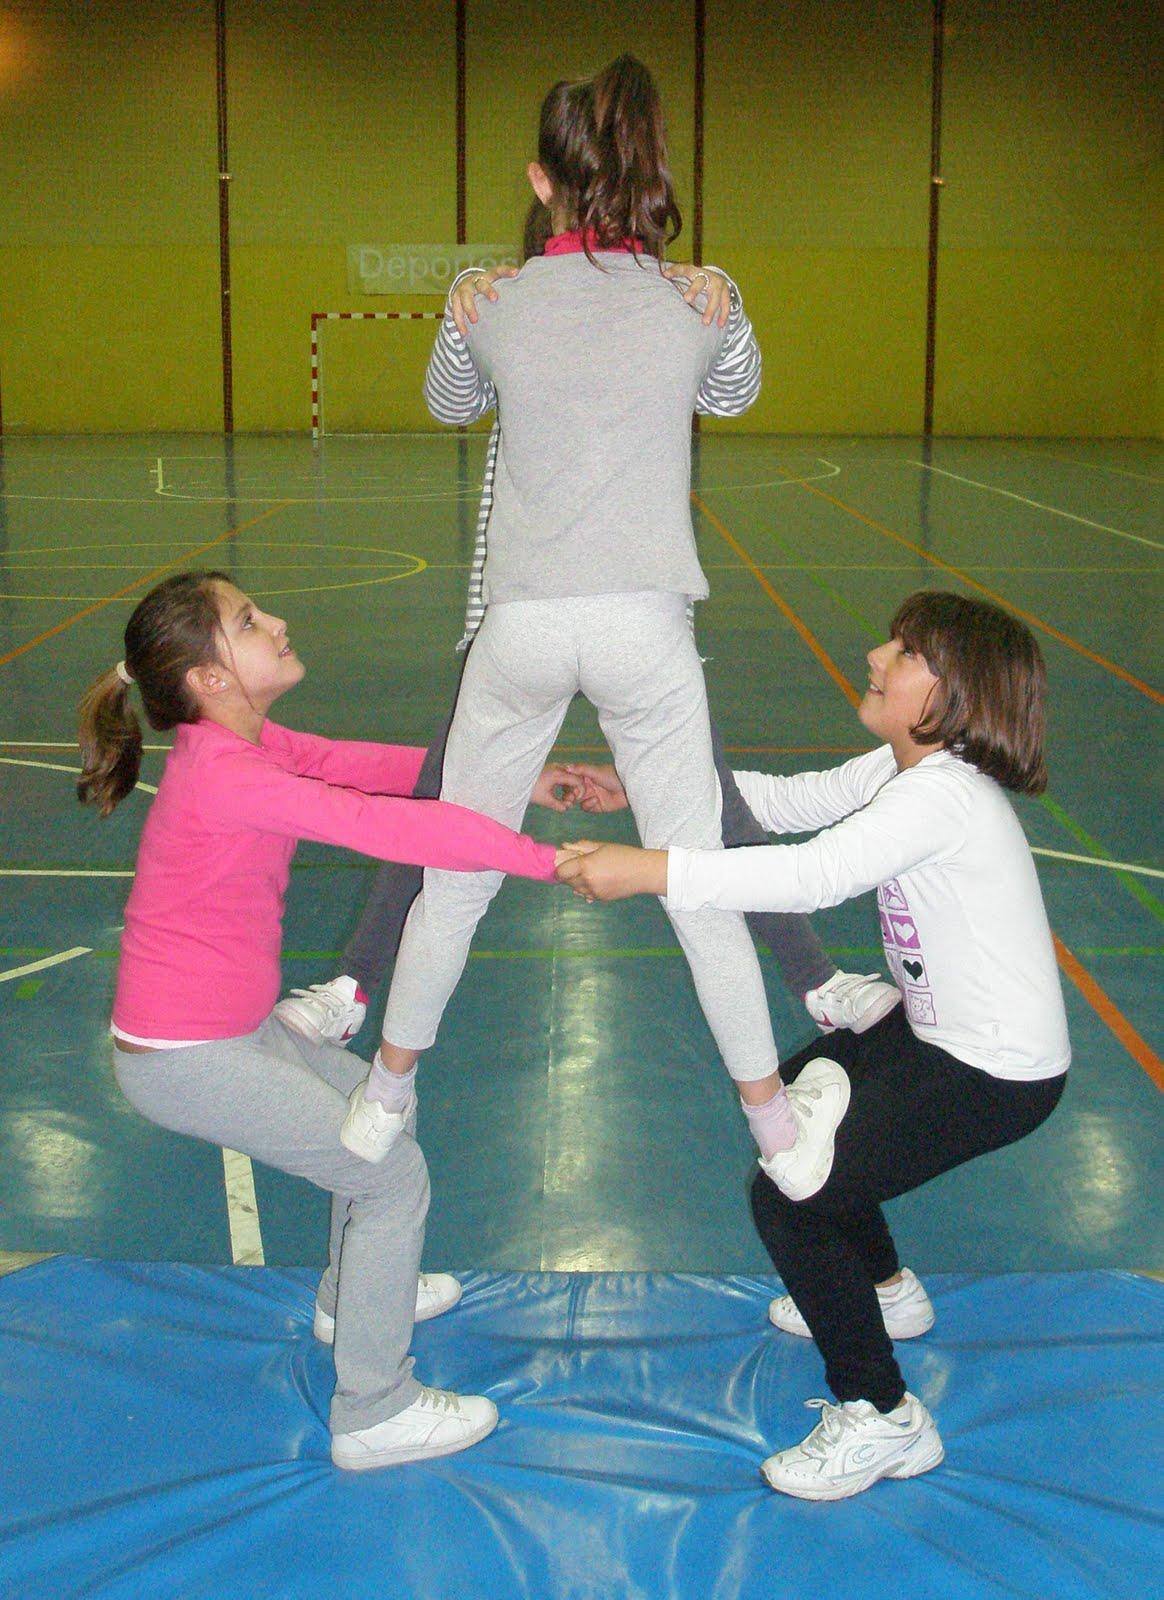 escuela de gimnasia: